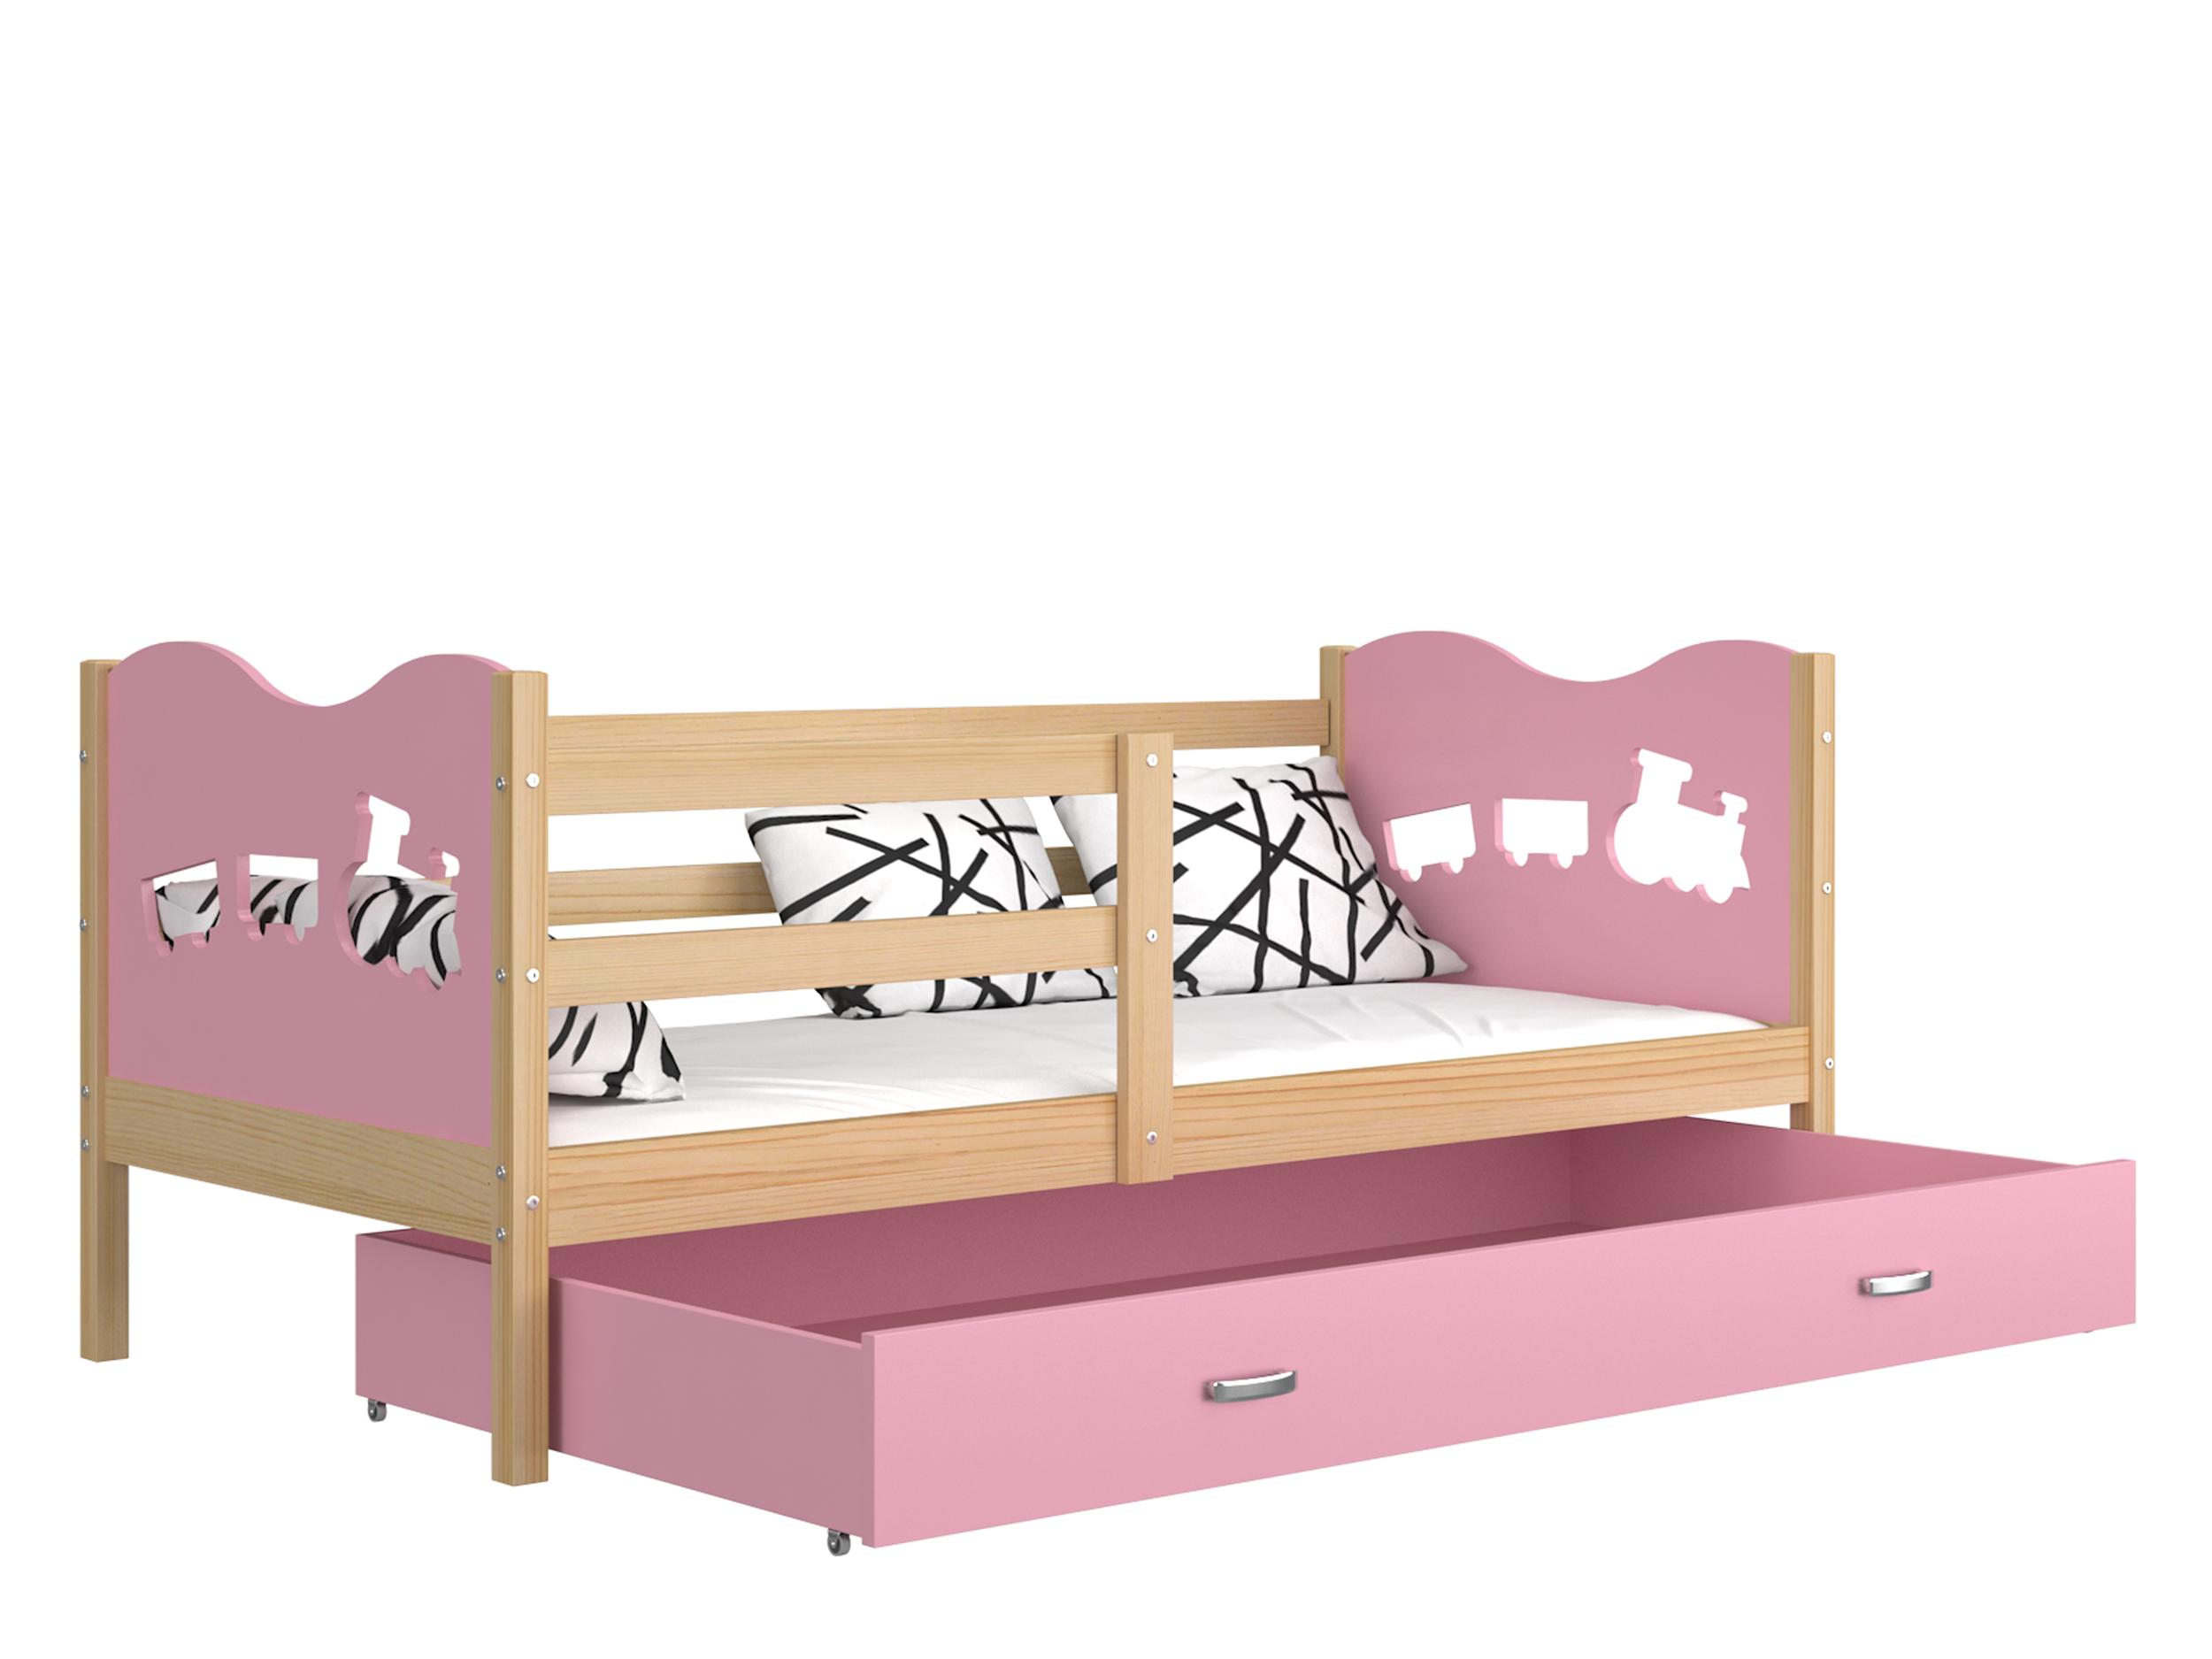 ArtAJ Detská posteľ MAX P drevo / MDF 160 x 80 cm Farba: Borovica / ružová 160 x 80 cm, s matracom